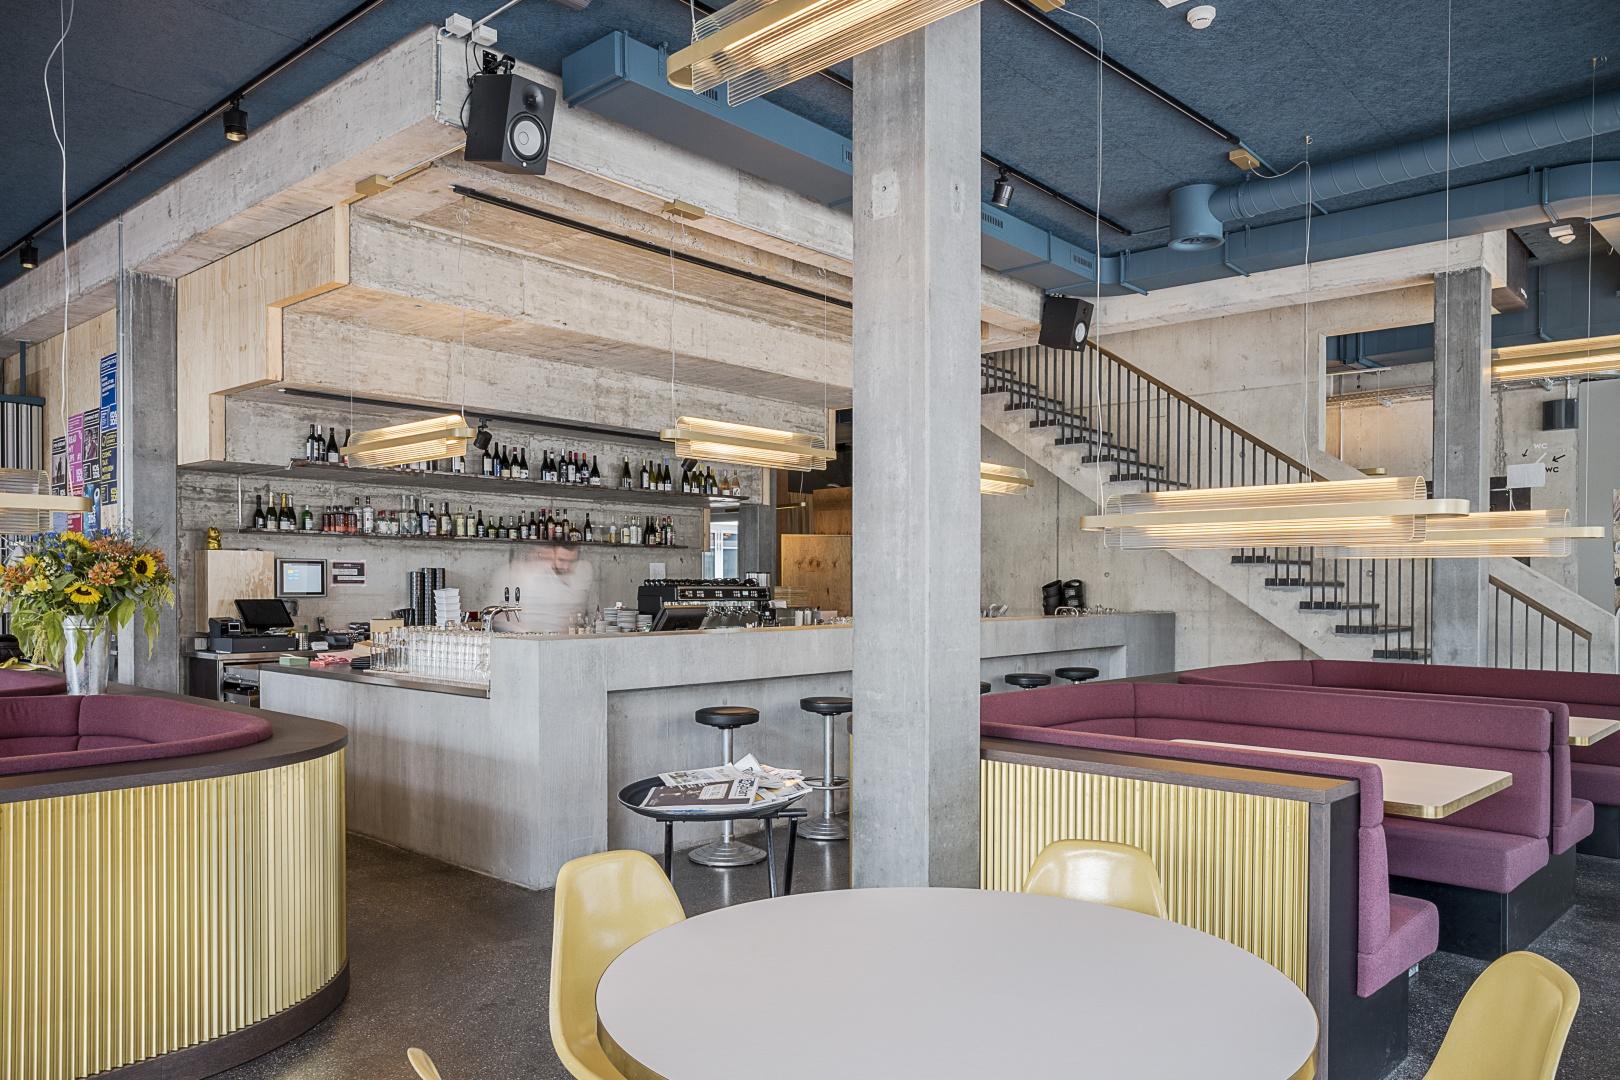 Bistro / Bar: Blick auf den Bistrobereich im Erdgeschoss, die Bar umgeben von rohem  Beton befindet sich unter der grossen Treppe, Einzeltische und gepolsterten Sitzbanknischen sorgen für eine angenehme und lockere Gruppierung der Gäste. © Burkhard & Lüthi